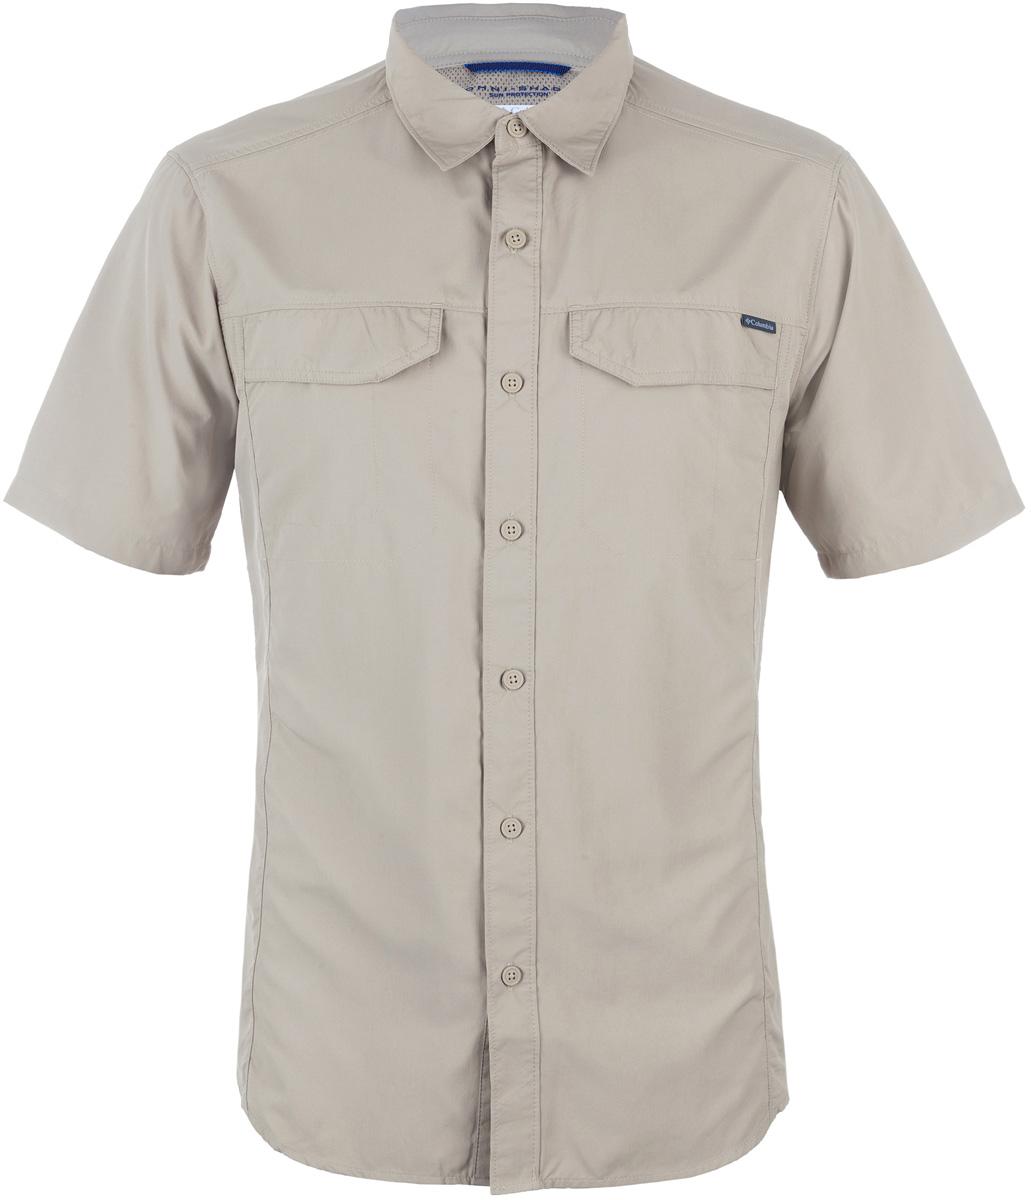 Рубашка мужская Columbia Silver Ridge SS Shirt, цвет: бежевый. 1441661-265. Размер M (46/48)1441661-265Мужская рубашка Columbia Silver Ridge SS Shirt изготовлена из нейлона. Модель Regular Fit с отложным воротником и короткими рукавами застегивается на пуговицы. Спереди расположен накладной карман. Технология Omni-Shade UPF 50 обеспечивает максимальную защиту от УФ-лучей в течение долгих часов на солнце. Технология Omni-Wick отводит испарения от тела, влага быстро впитывается в ткань и испаряется.